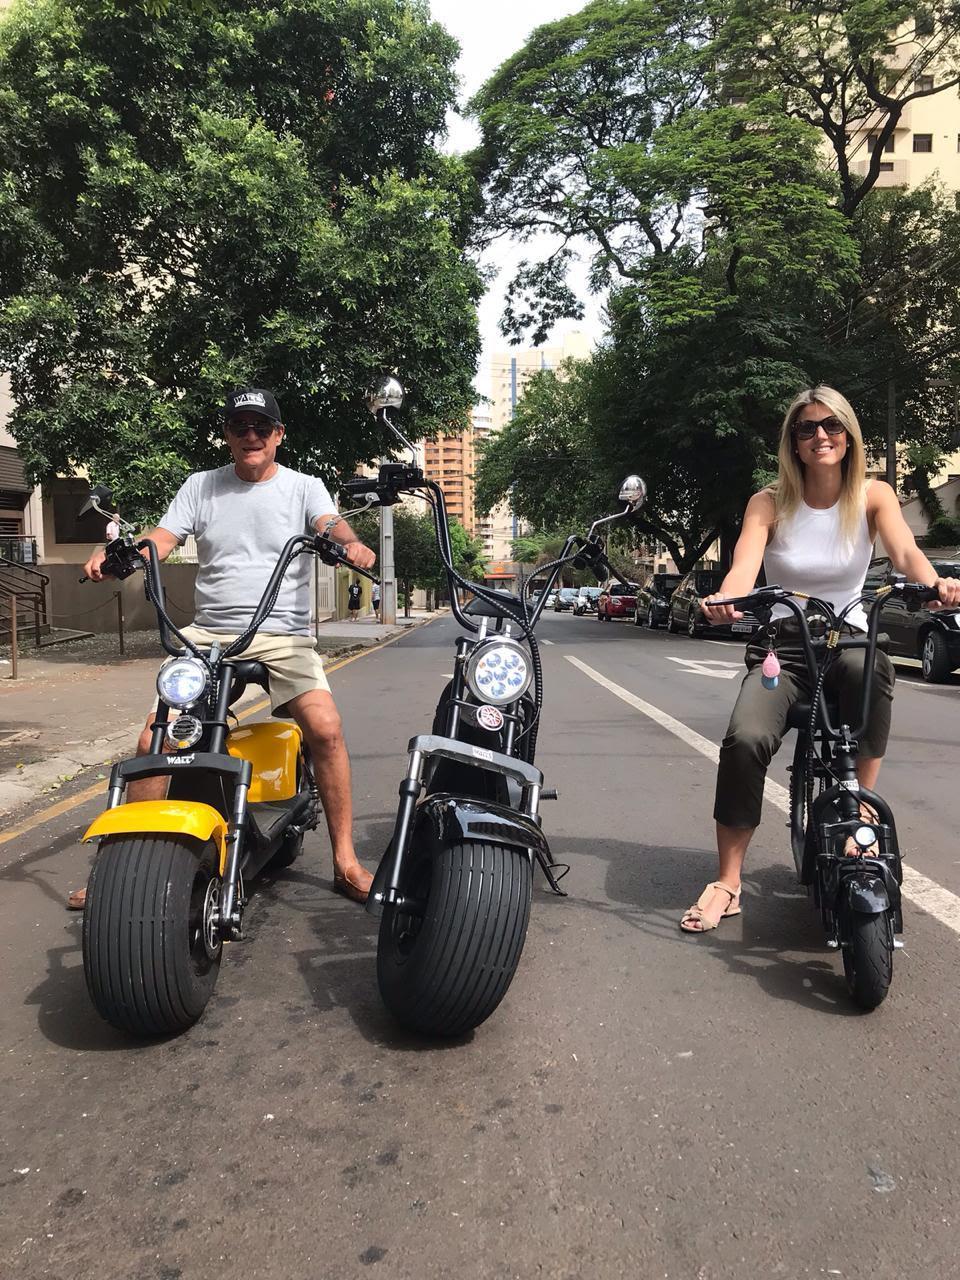 Bicicletas e scooters elétricas: transporte econômico e sustentável tem conquistado adeptos